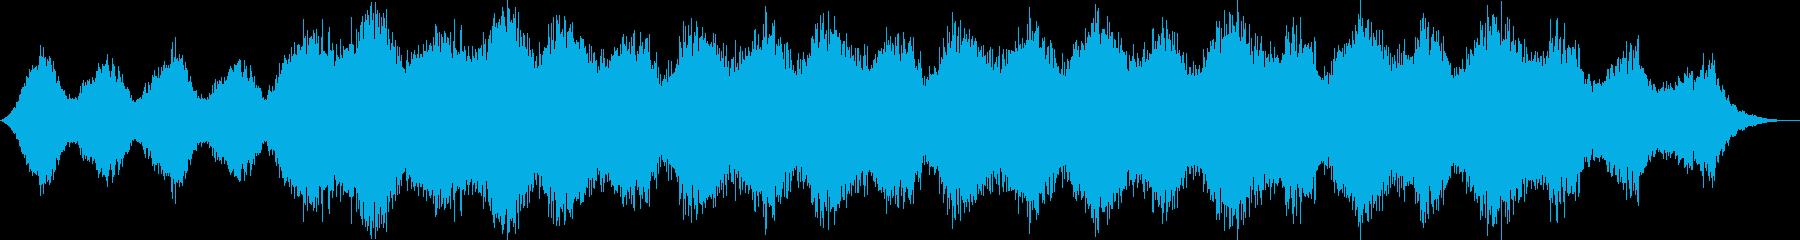 瞑想・ヒーリング的なクワイアの静かな曲2の再生済みの波形